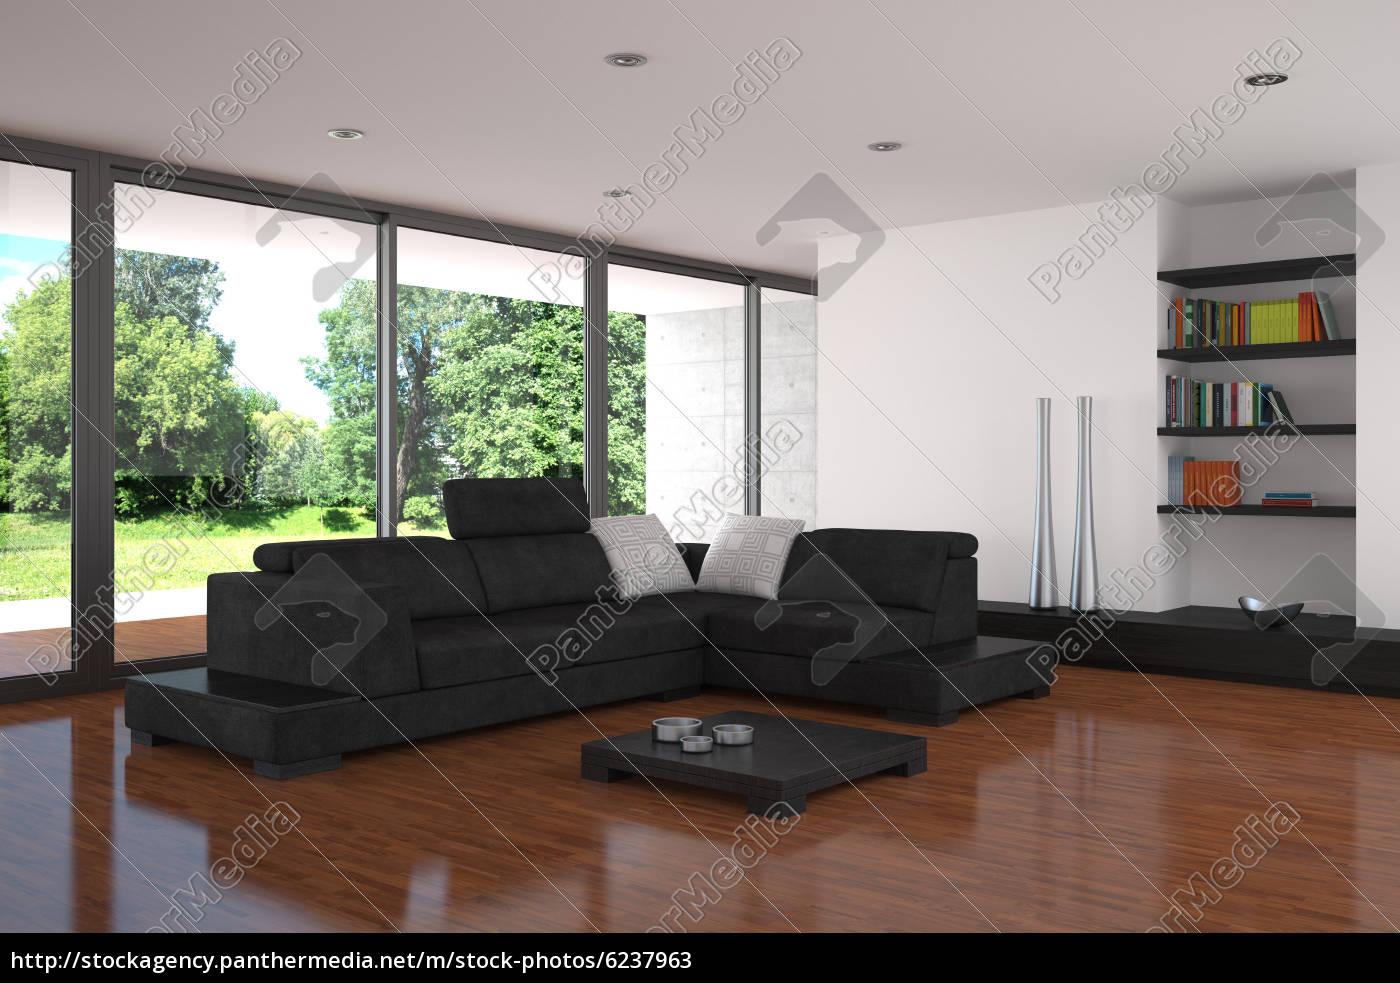 Stockfoto 6237963 - moderne wohnzimmer mit parkettboden